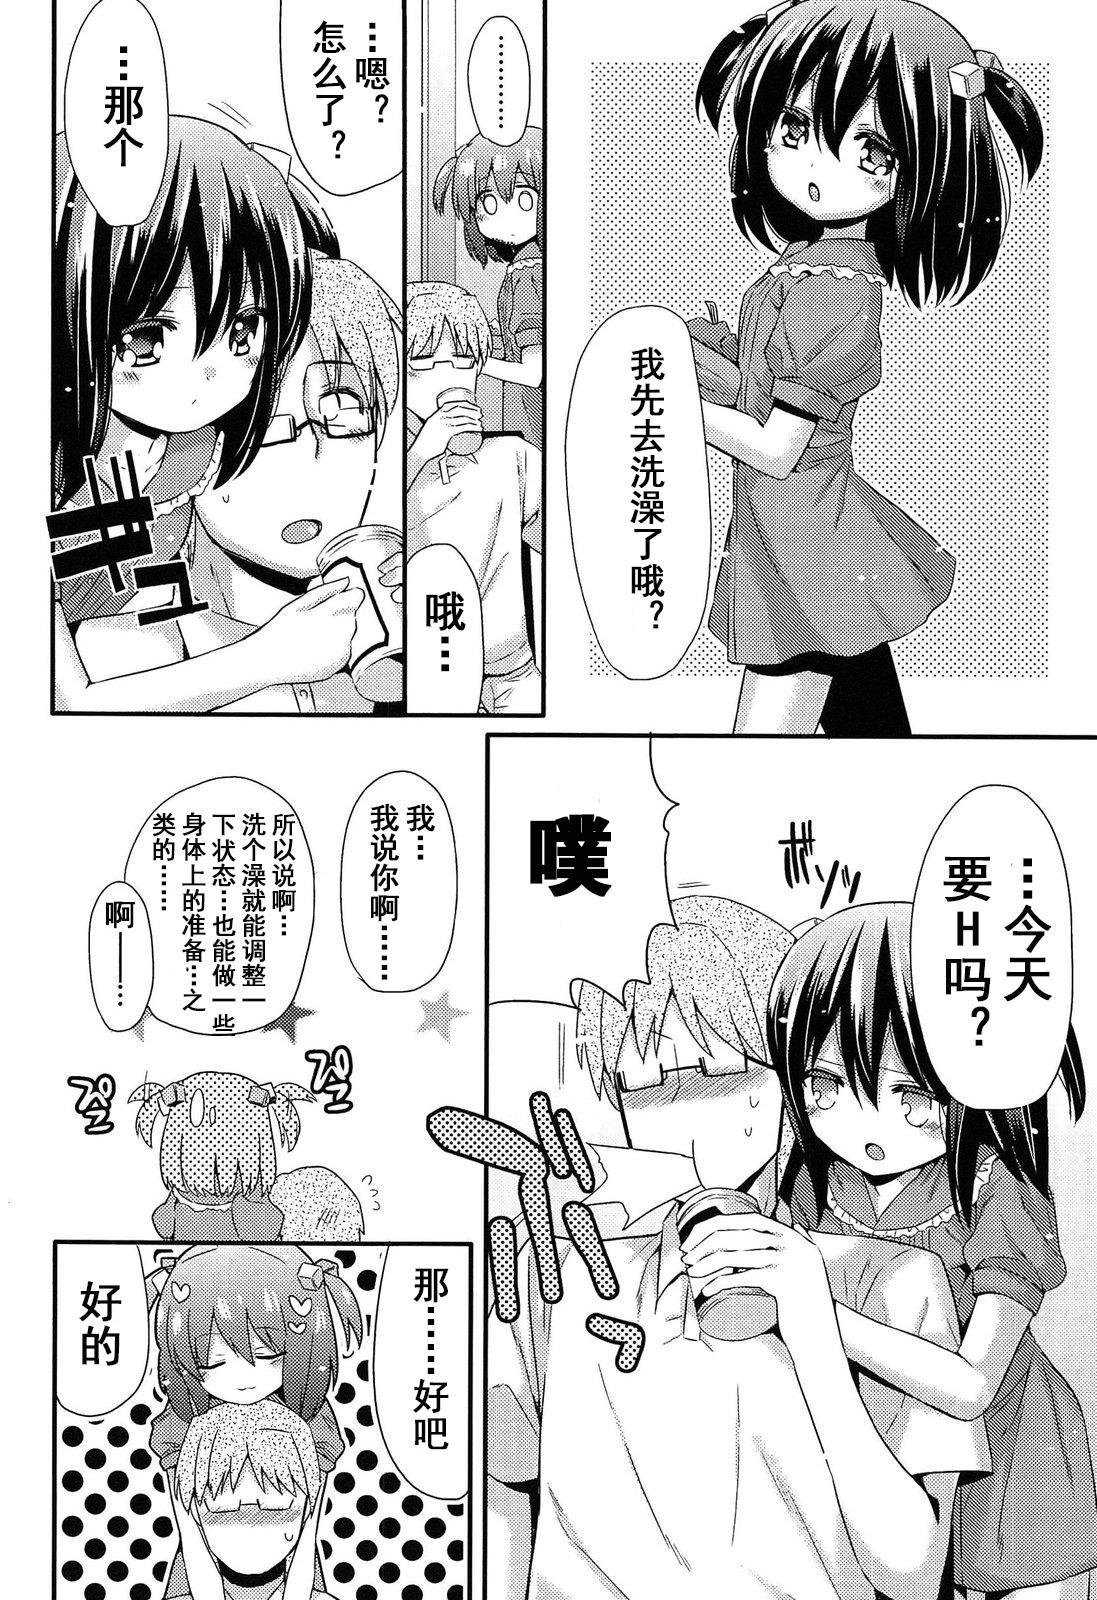 Futsuu no Oyako Ren'ai | 普通的父女恋愛 4